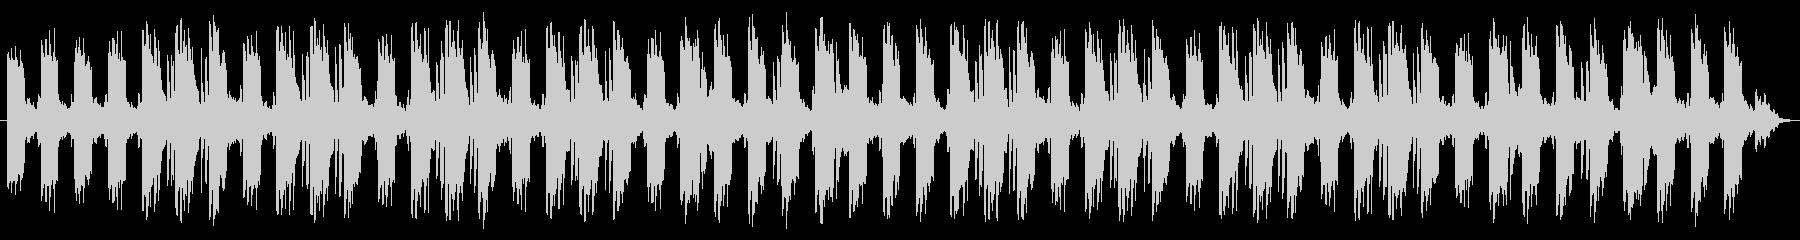 静かなフローズン・ループの未再生の波形